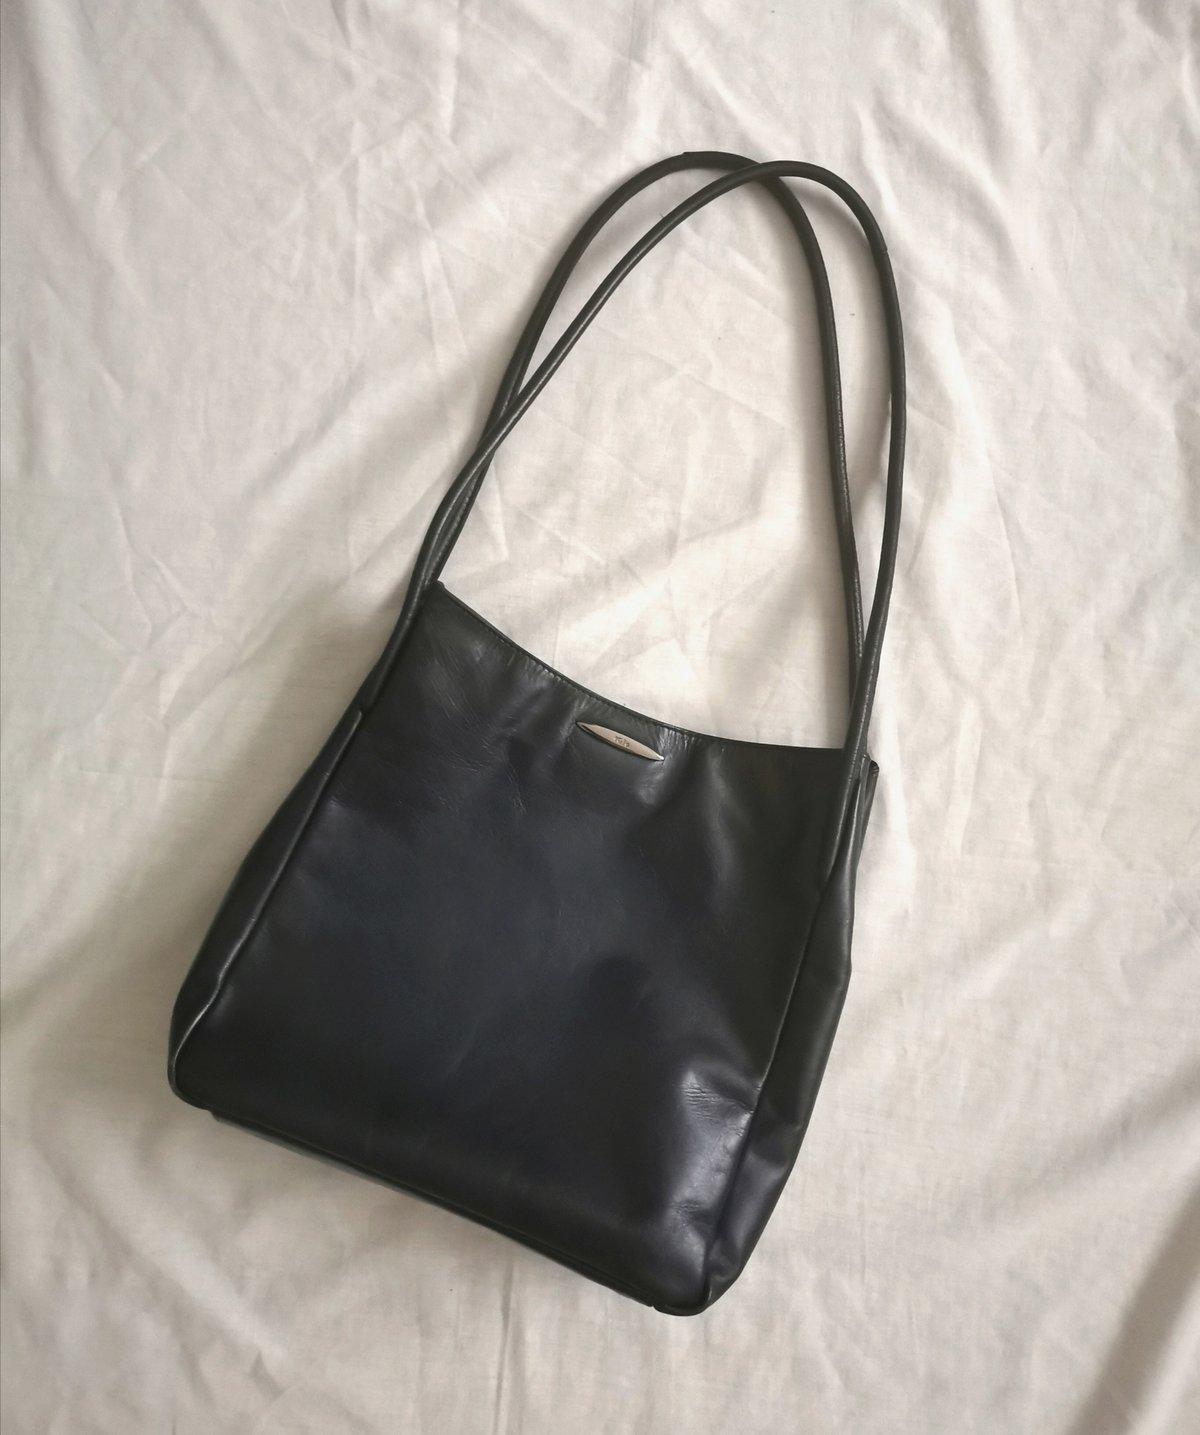 Image of edlie bag